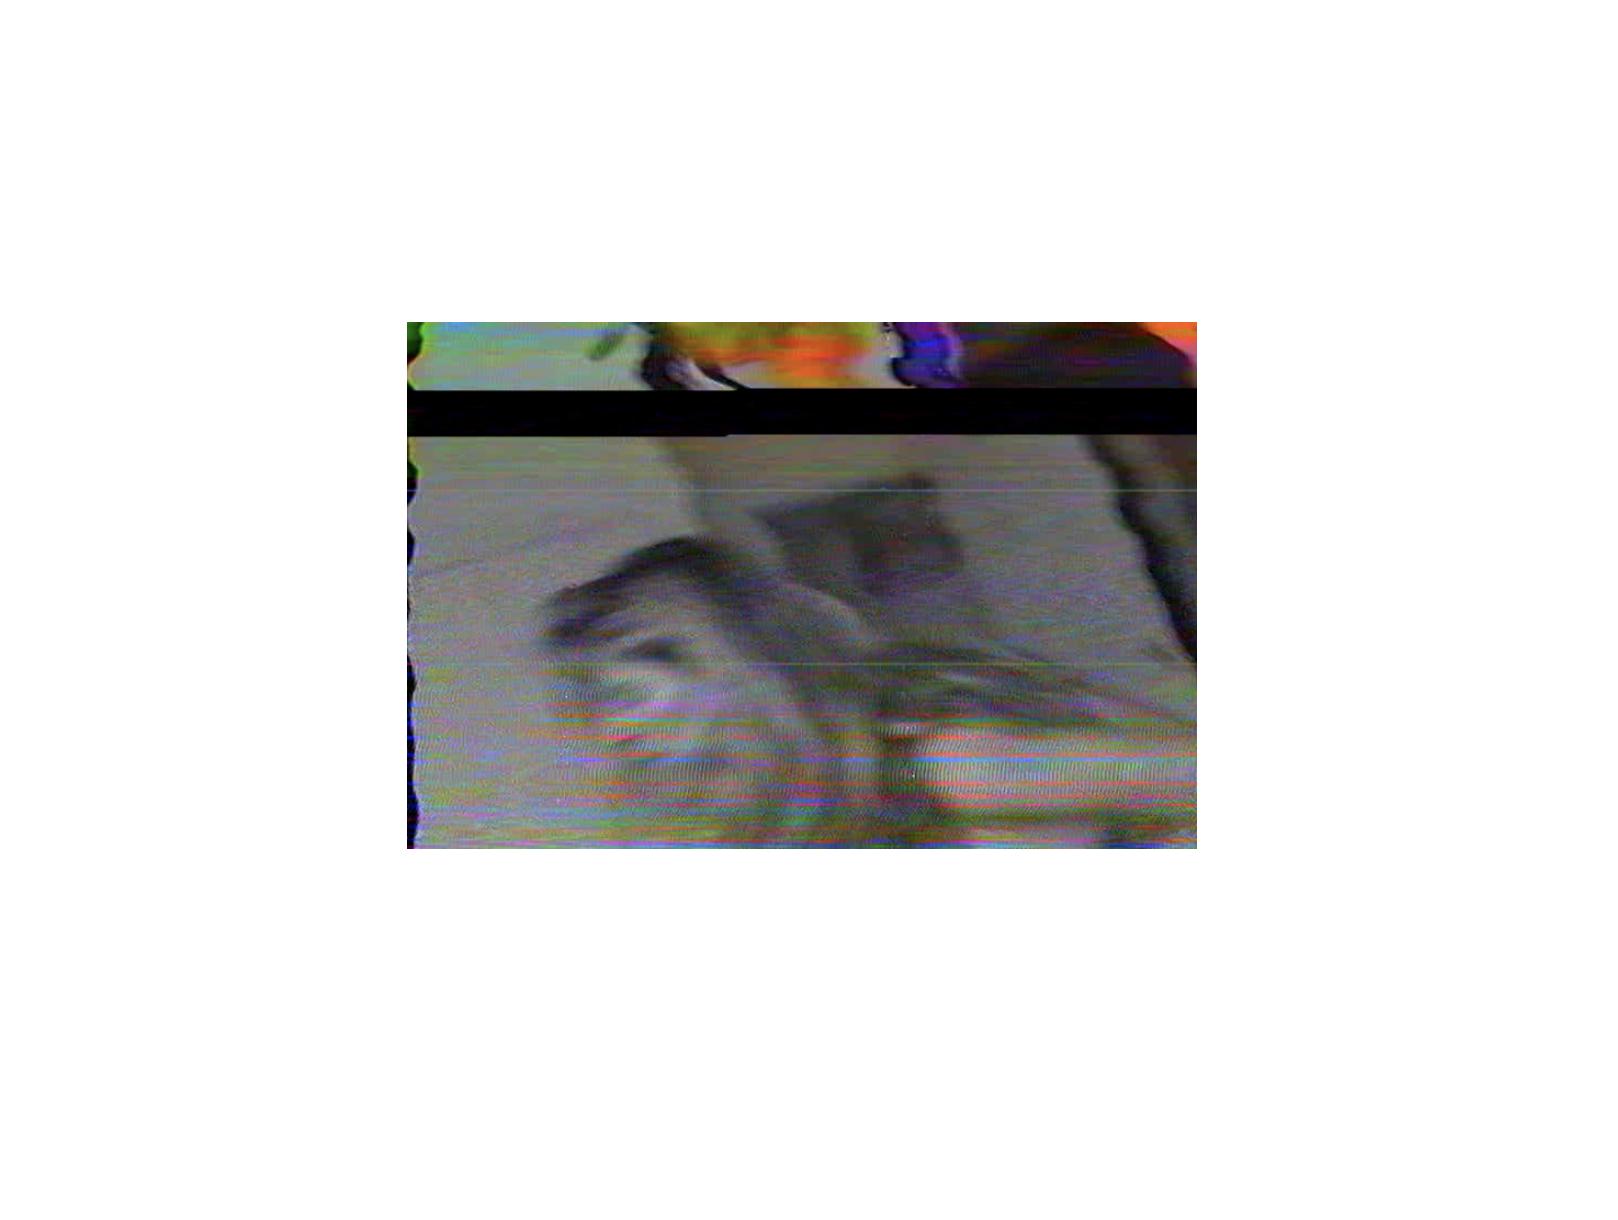 Screen Shot 2019-04-18 at 11.11.08 AM.png